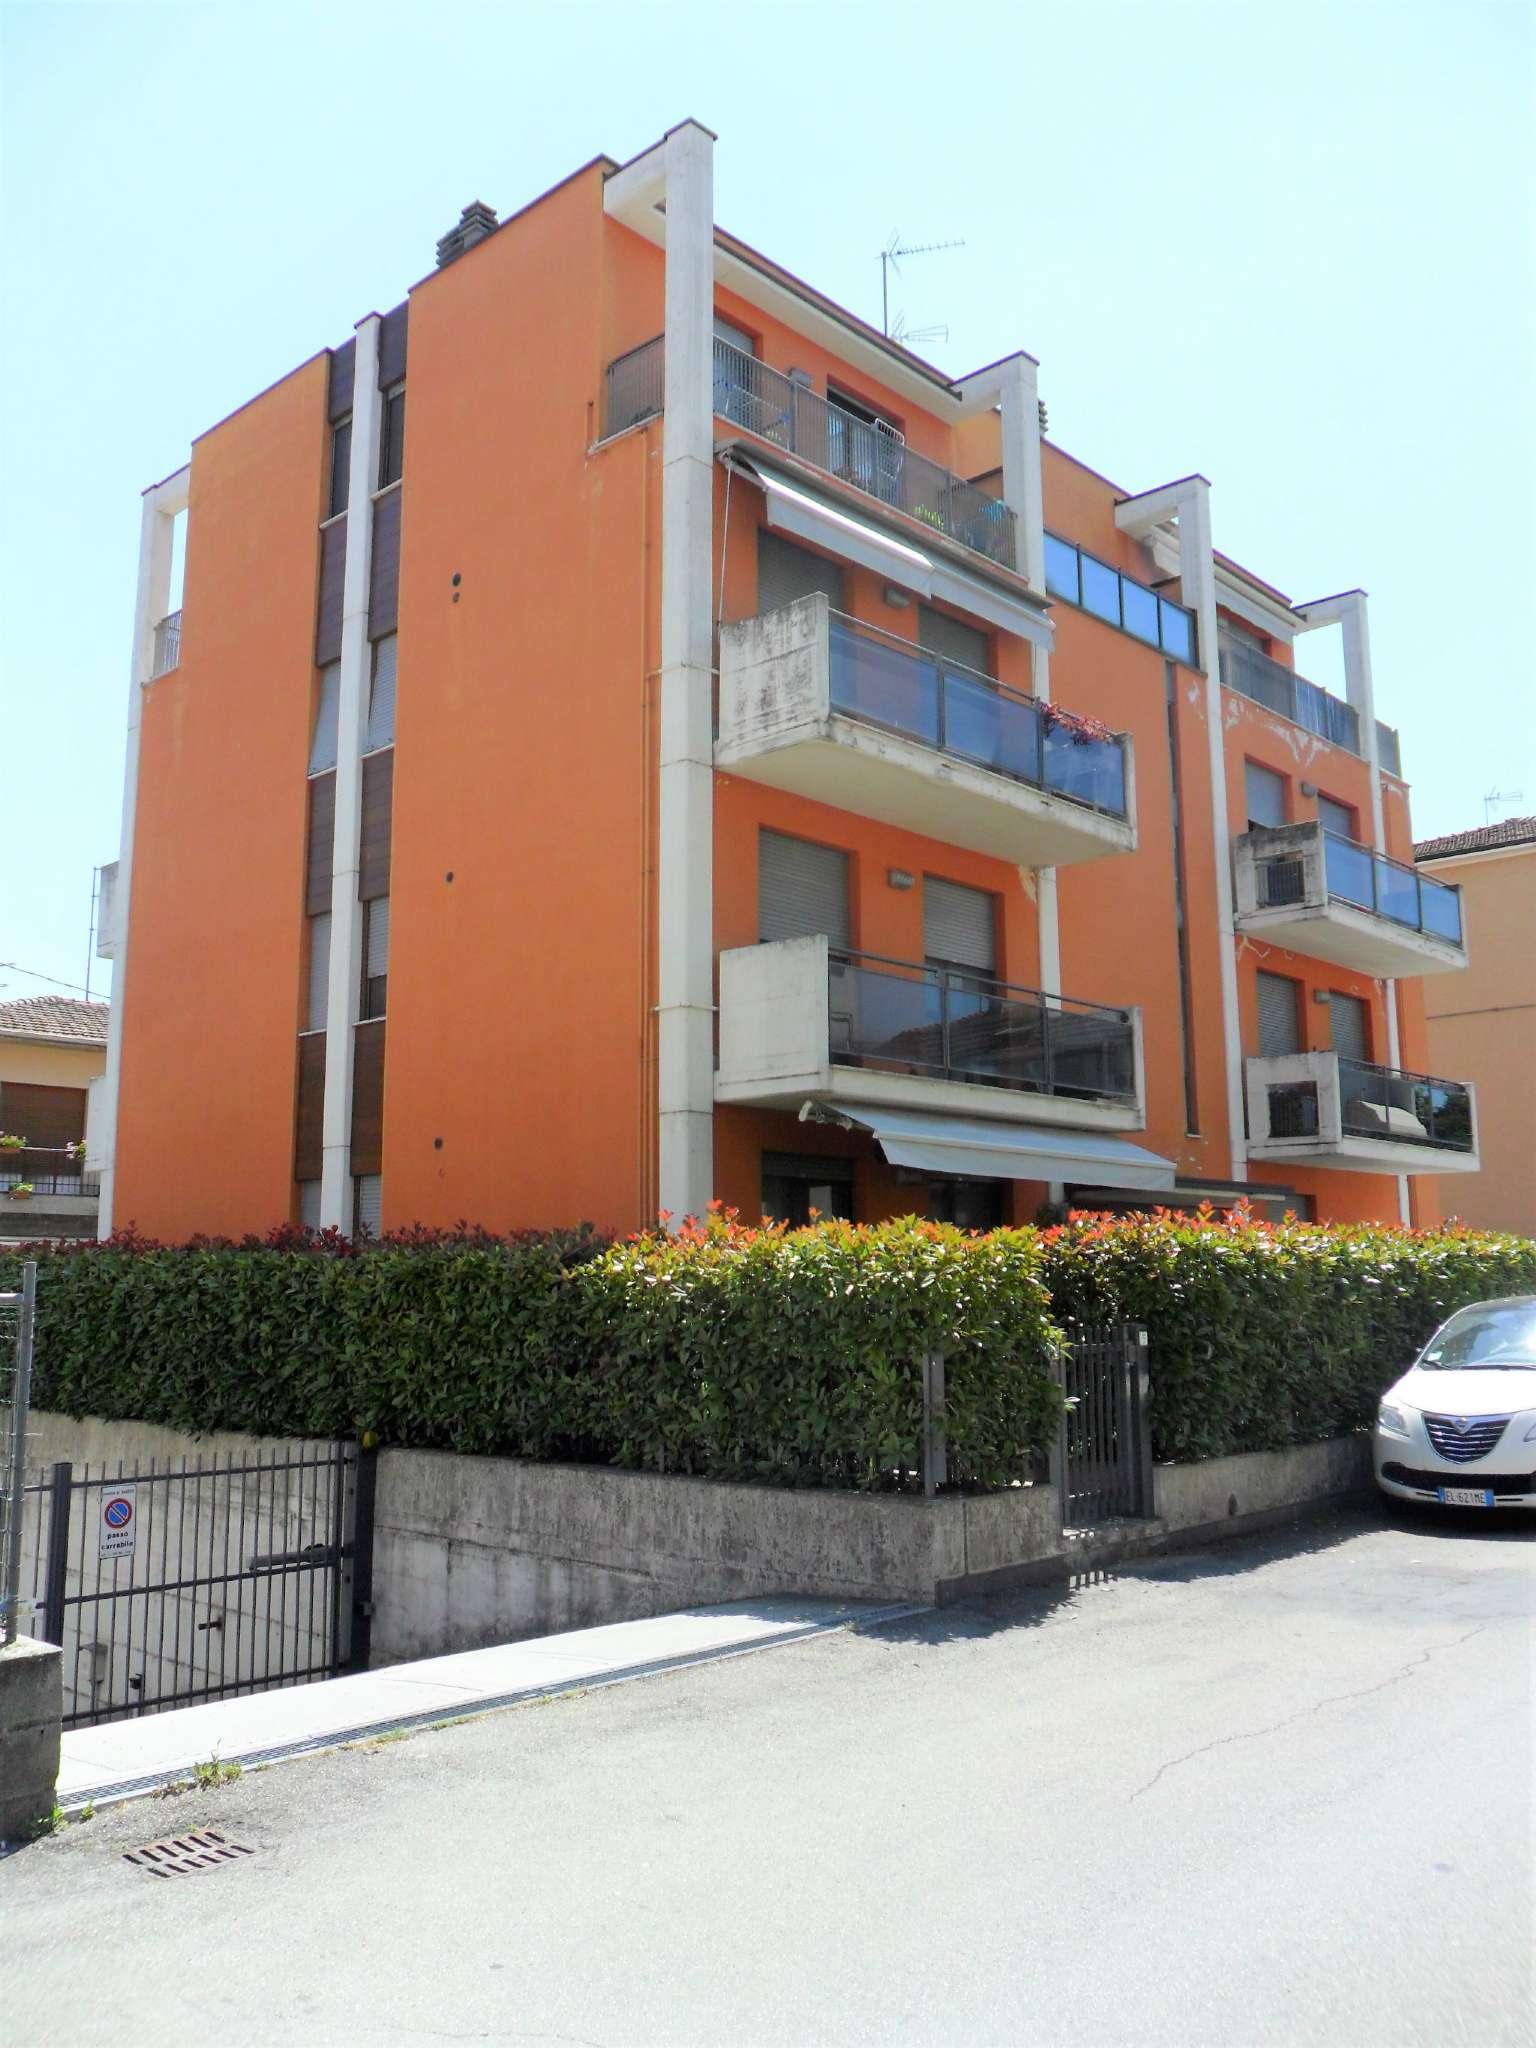 Appartamento in vendita a Noceto, 2 locali, prezzo € 85.000 | Cambio Casa.it